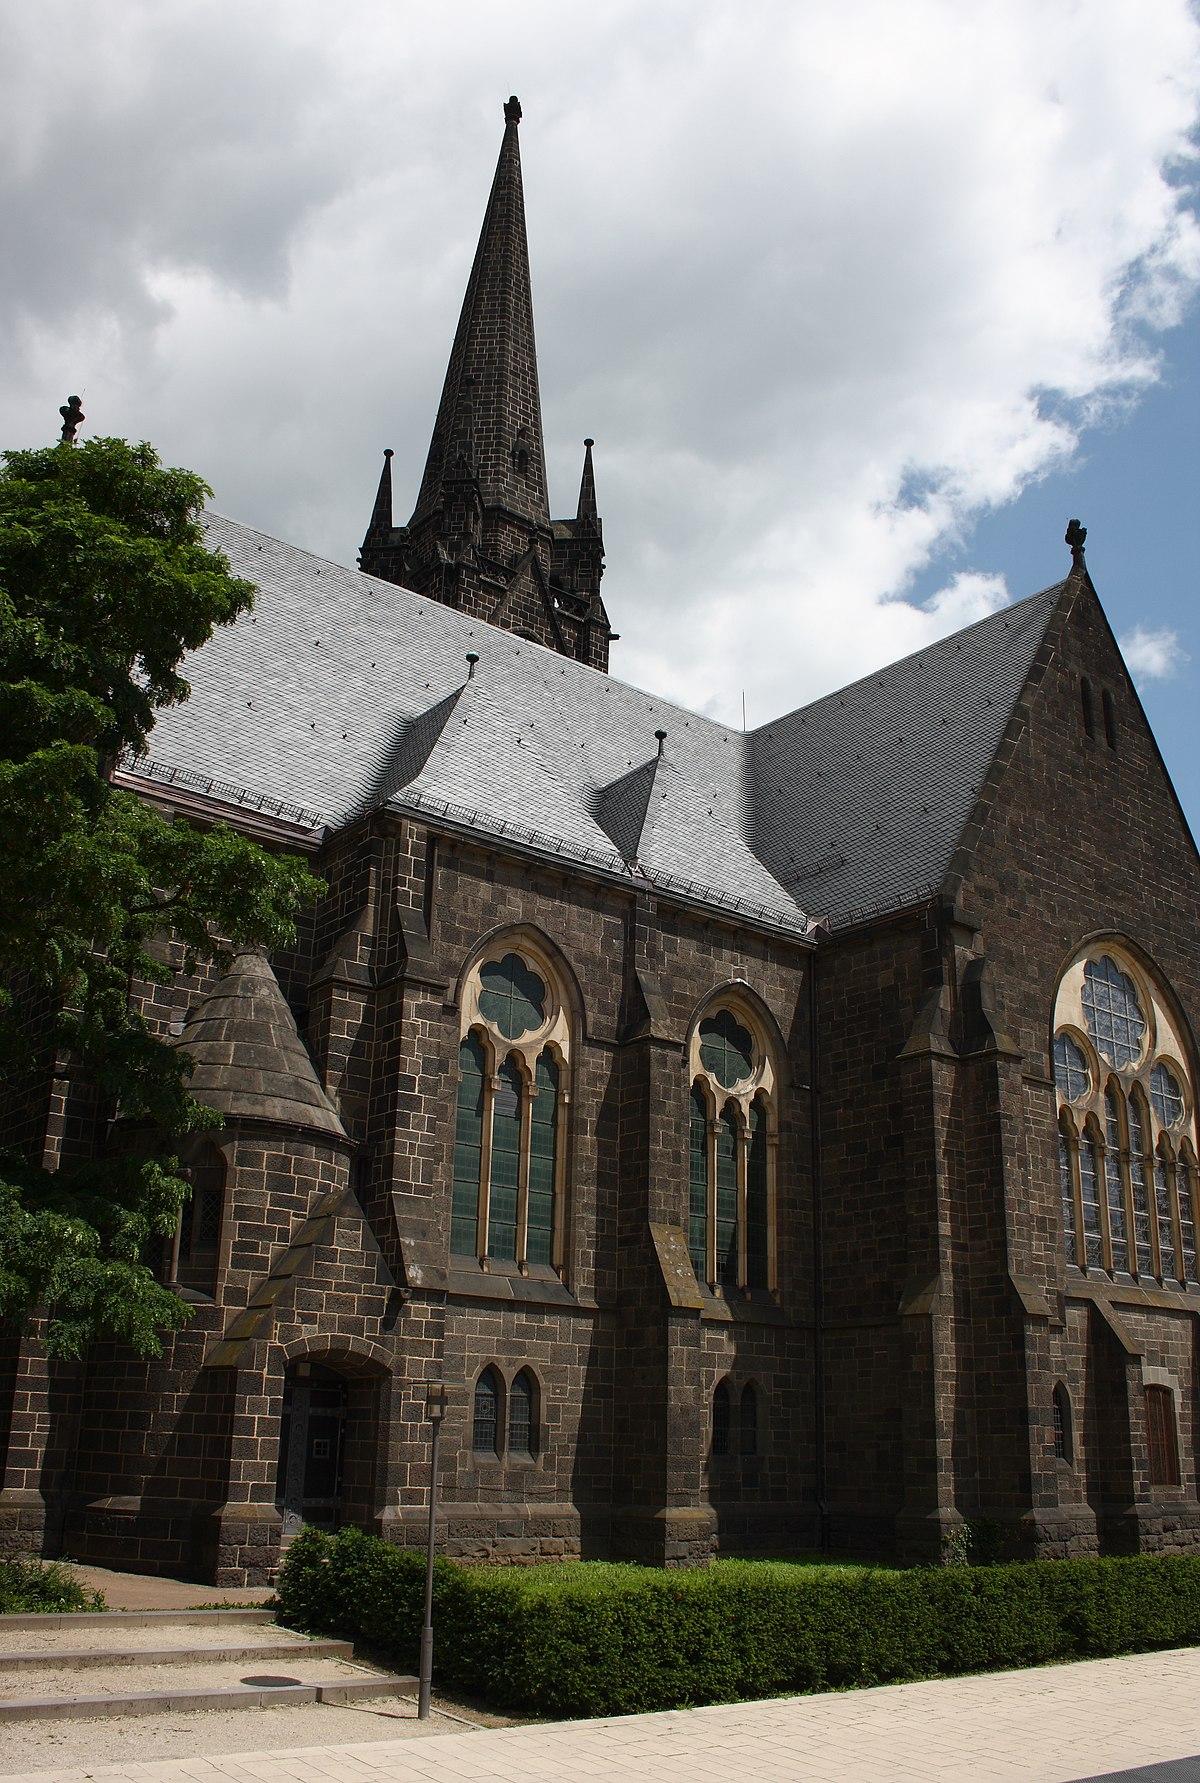 File:Bad Nauheim Dankeskirche 66.JPG - Wikimedia Commons